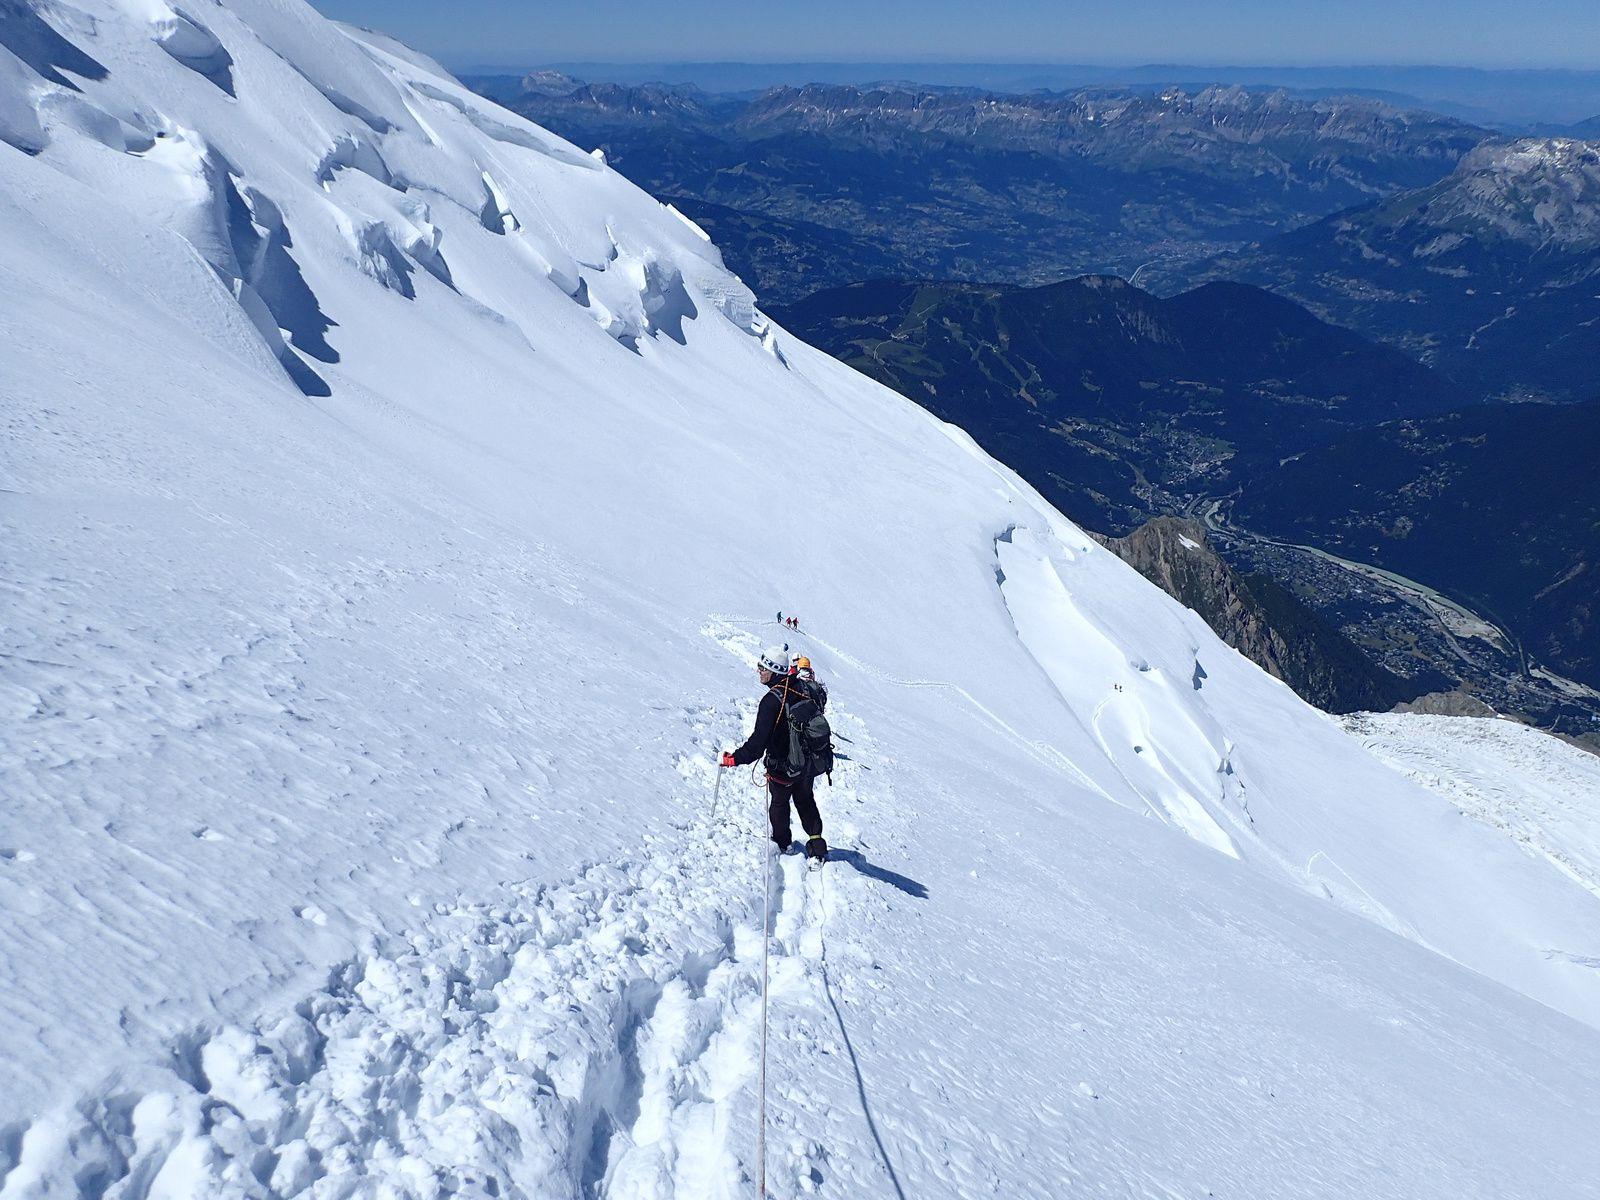 Mont-Blanc du Tacul: Voie normale 2/2